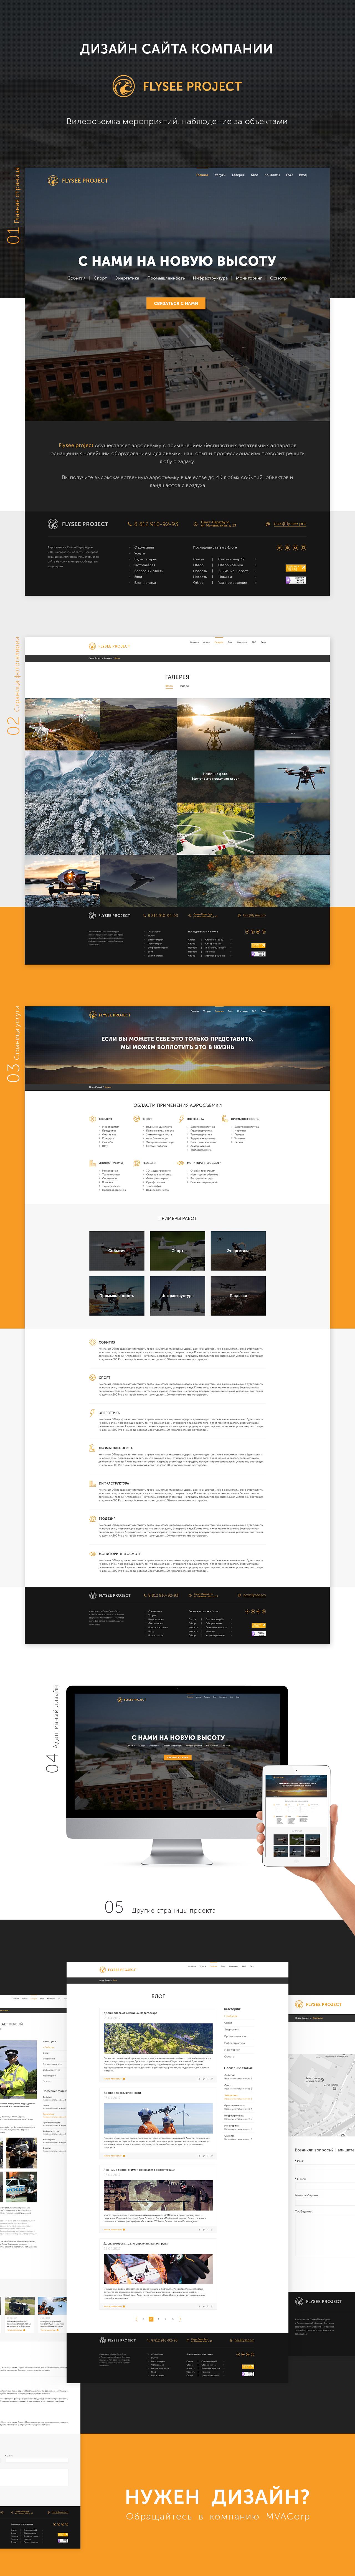 Дизайн сайта компании по видеосъемке